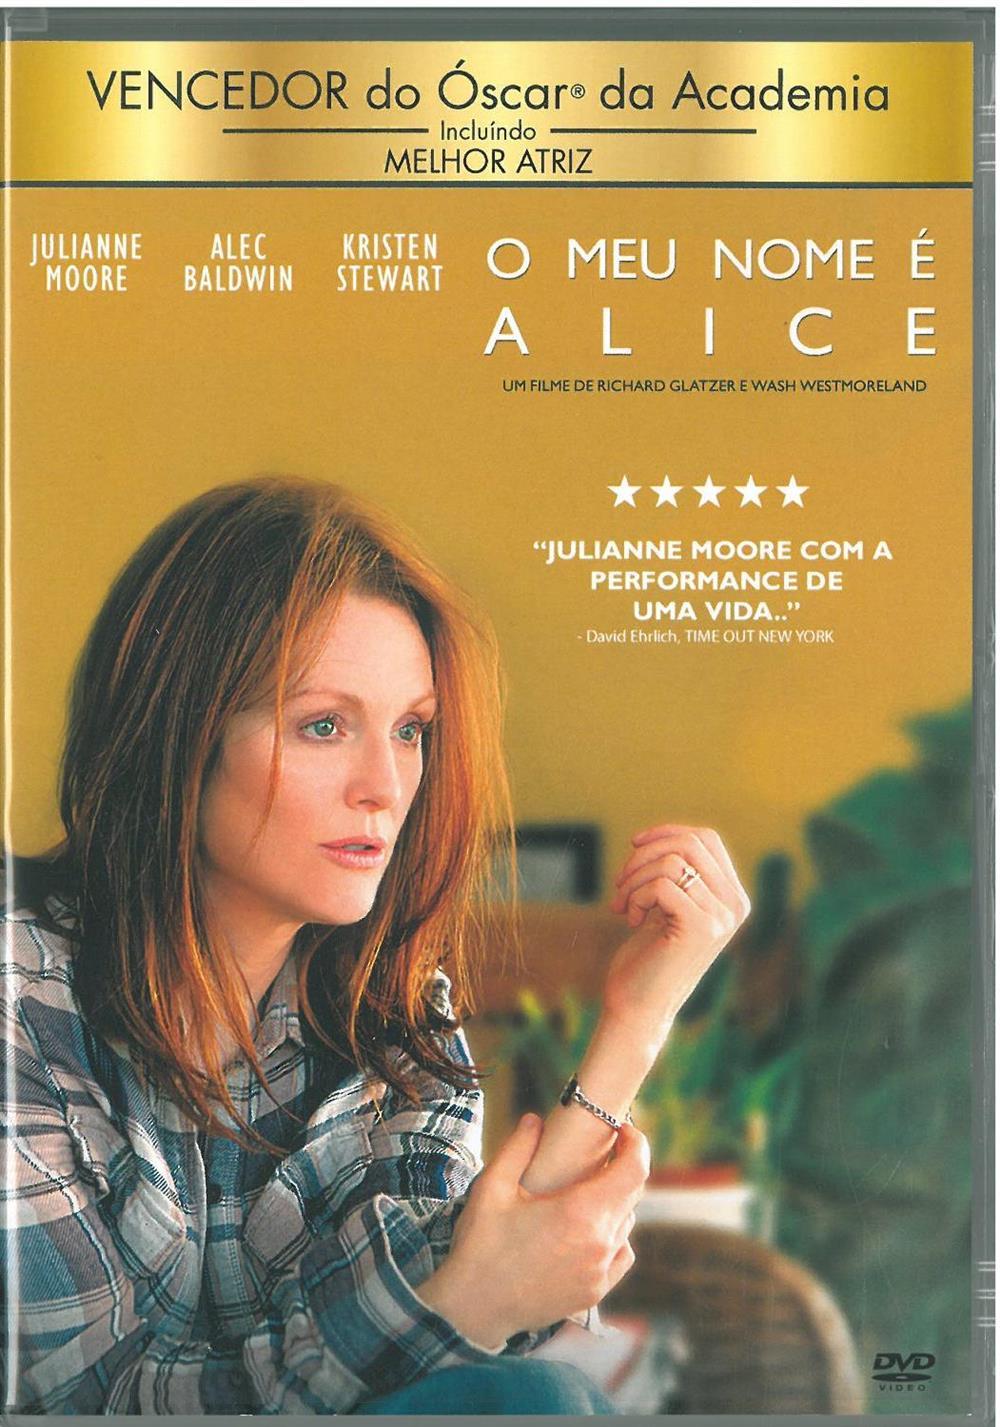 O meu nome é Alice_DVD.jpg